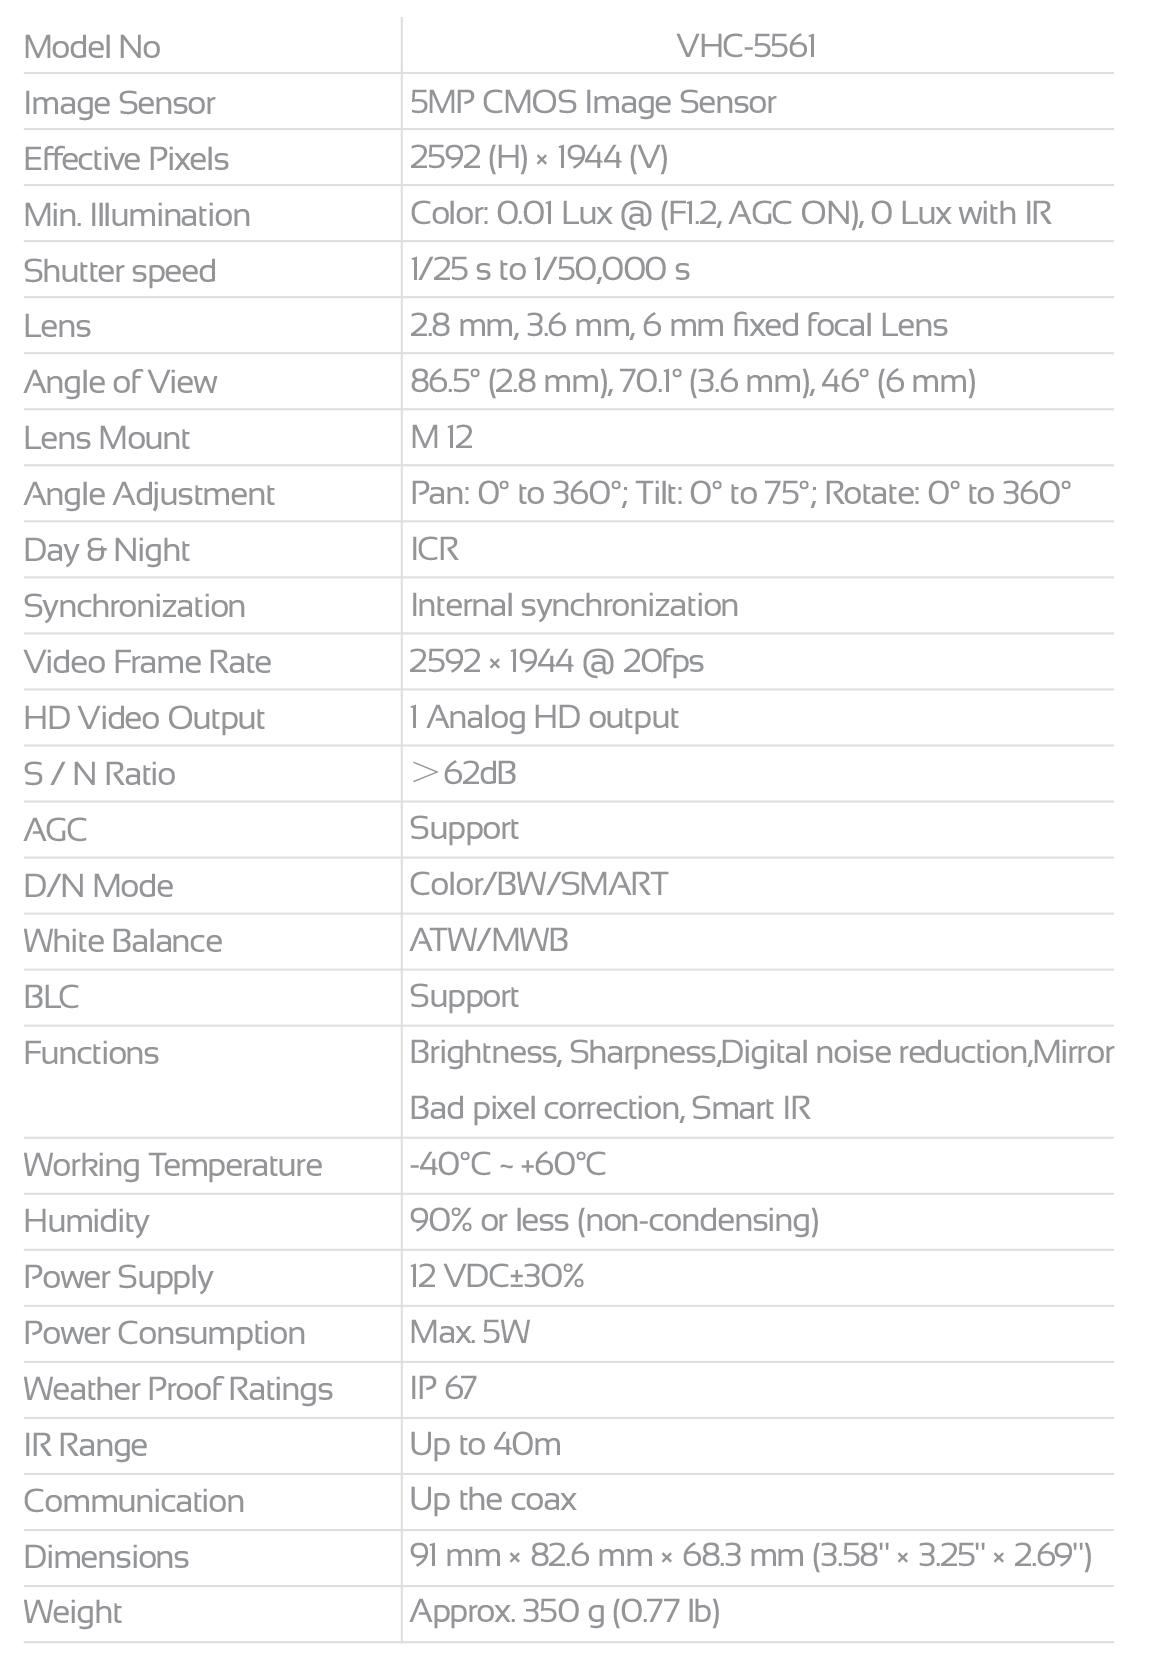 VERTINA-VHC-5561-data VHC-5561